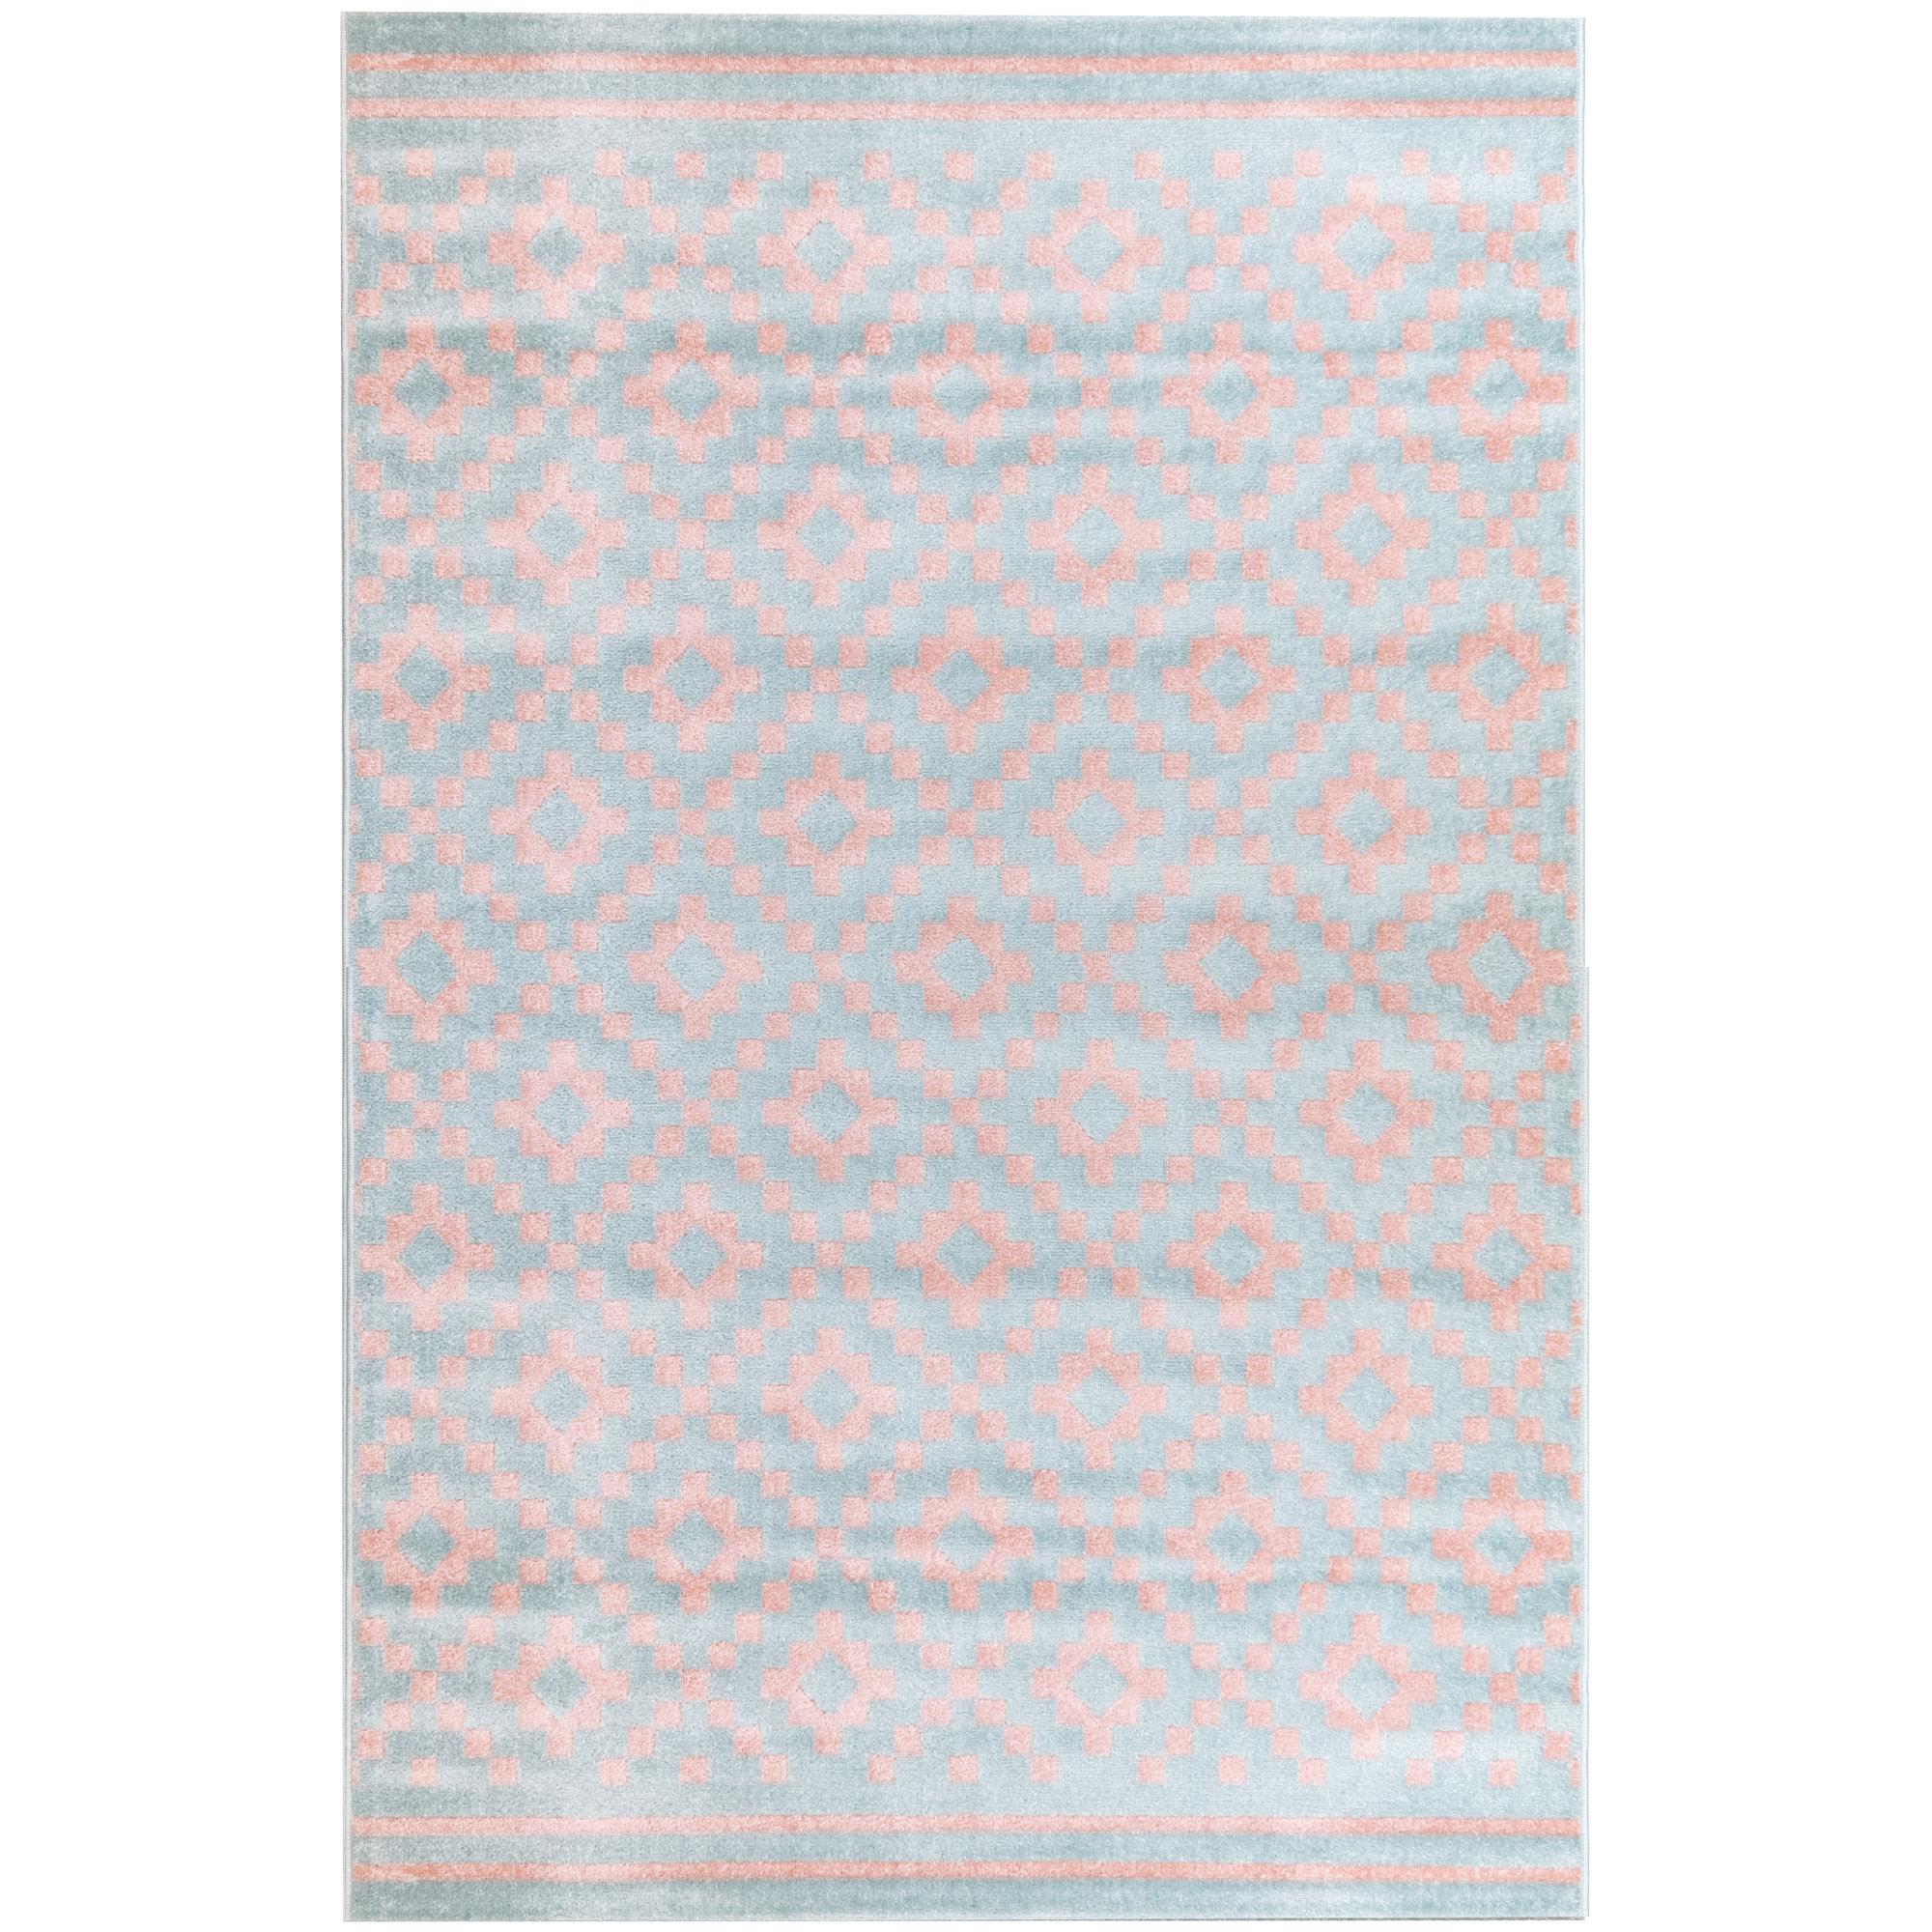 Χαλί Διαδρόμου 67X140 Ezzo All Season Chroma B528Cj8 Light Blue & Pink (67x140)